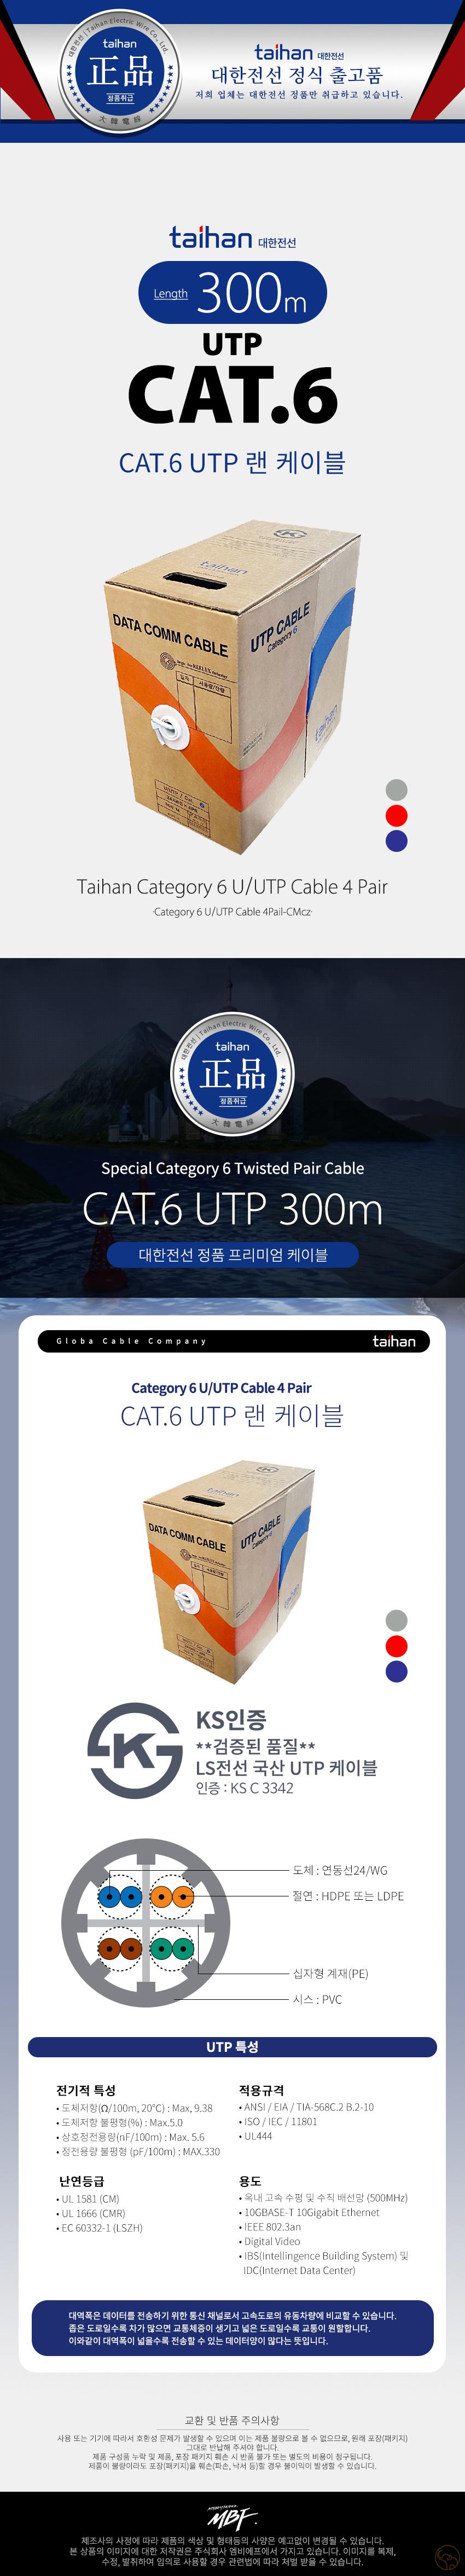 대한전선 CAT.6 UTP 제작형 랜 케이블 (그레이, 300m)